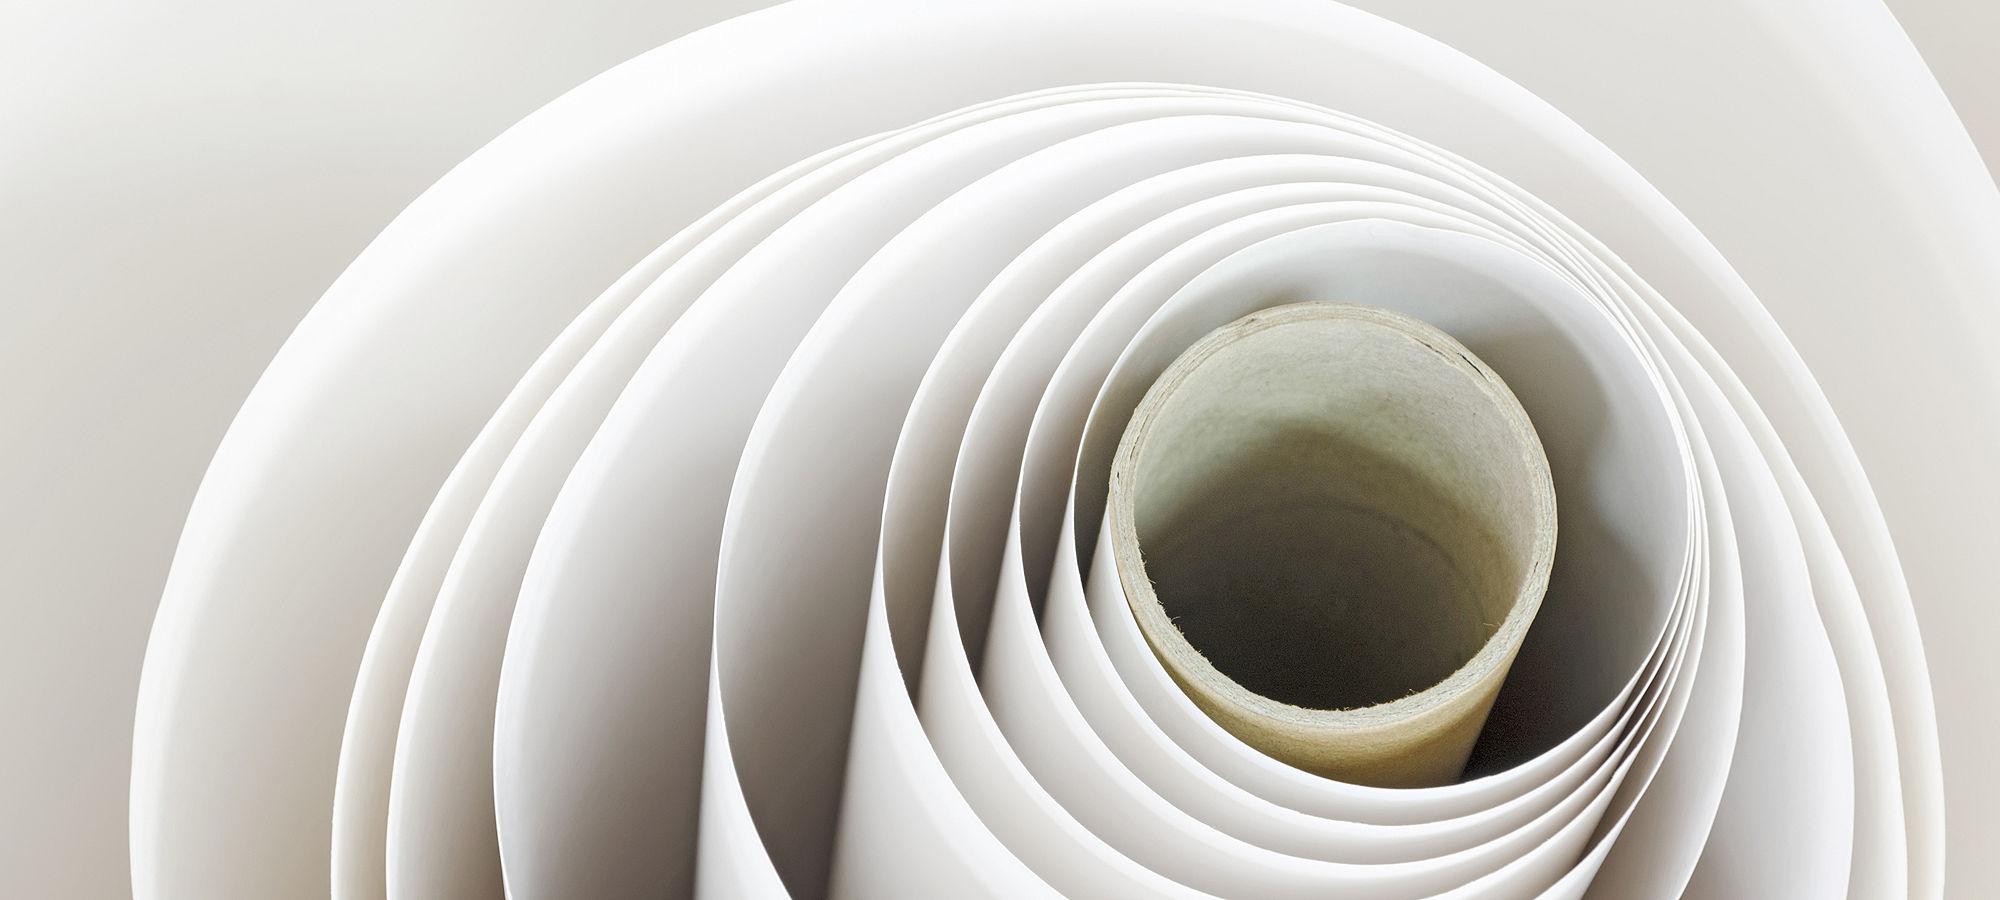 Paper roll spiral printshop